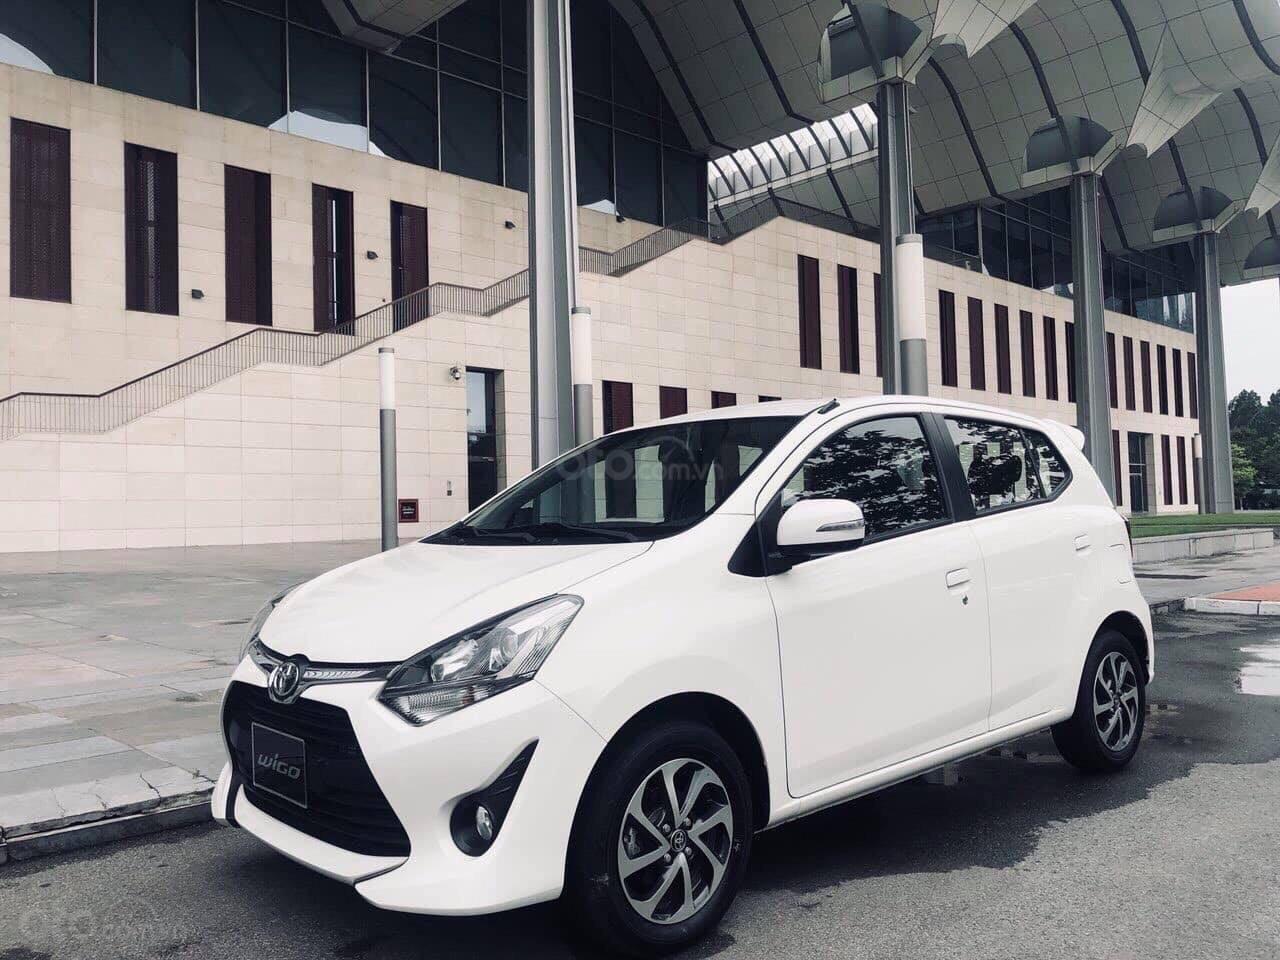 Toyota Wigo năm 2019, nhập khẩu Indonesia, giá tốt, liên hệ ngay 0907044926 để được hỗ trợ tốt nhất (2)